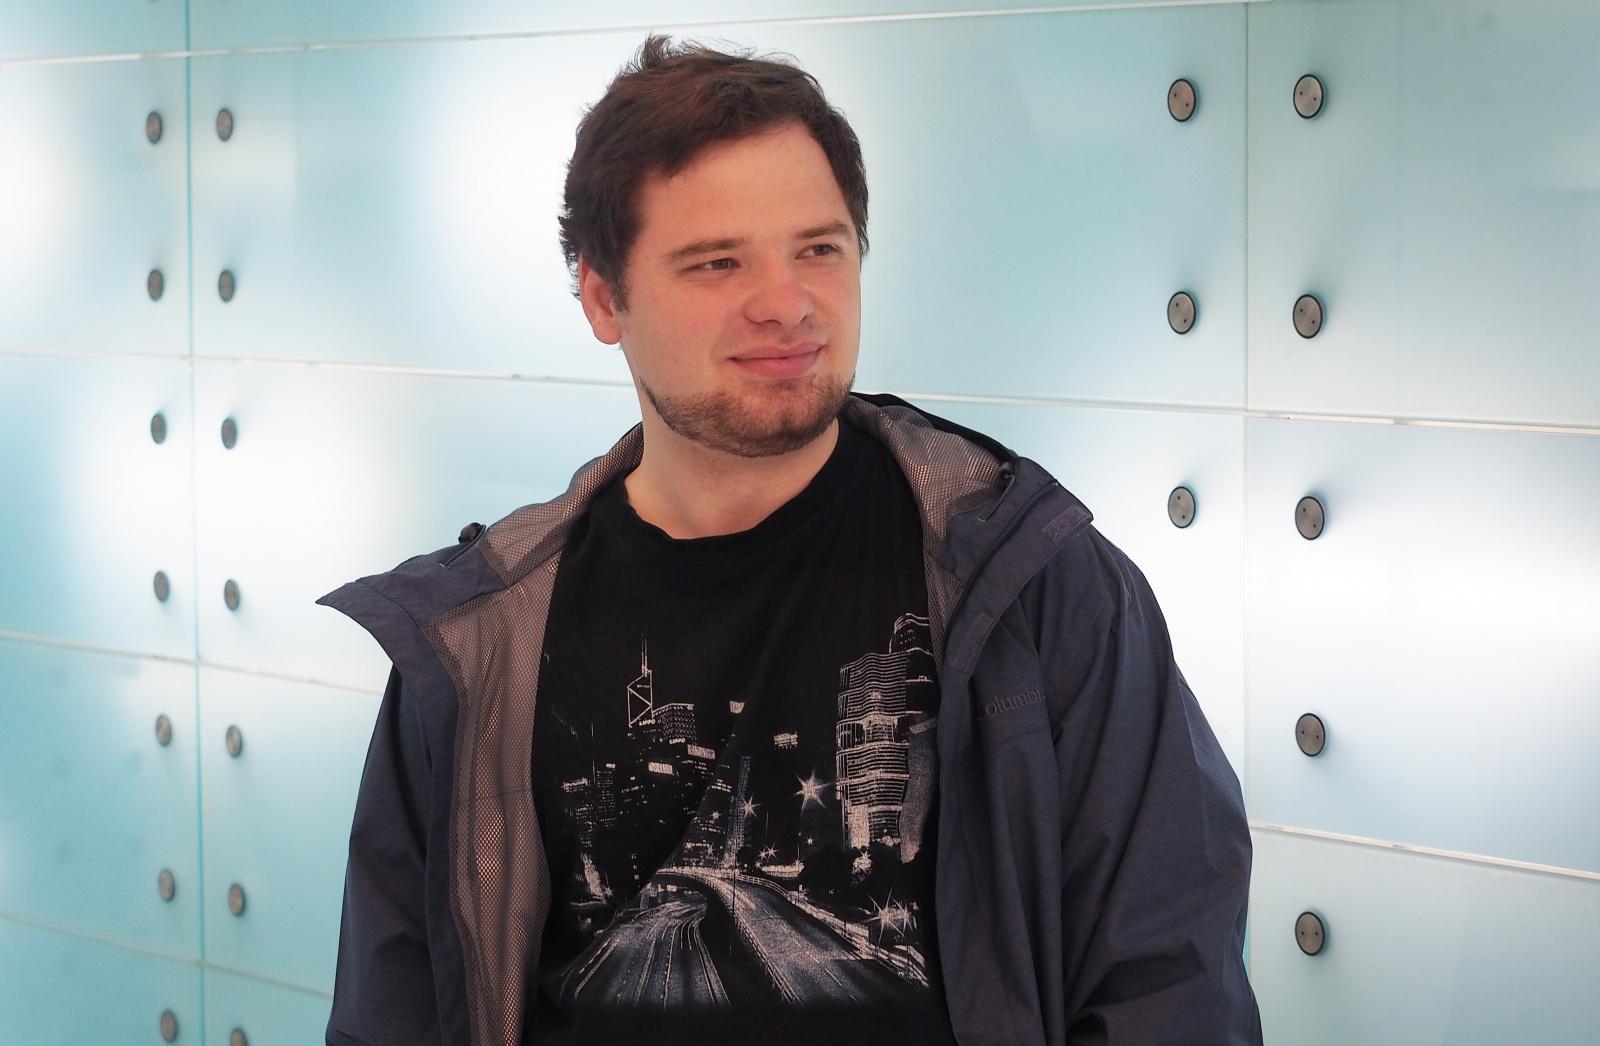 Артем Светлов: «Каждый день на работе я вижу, как OSM помогает самым разным компаниям» - 1